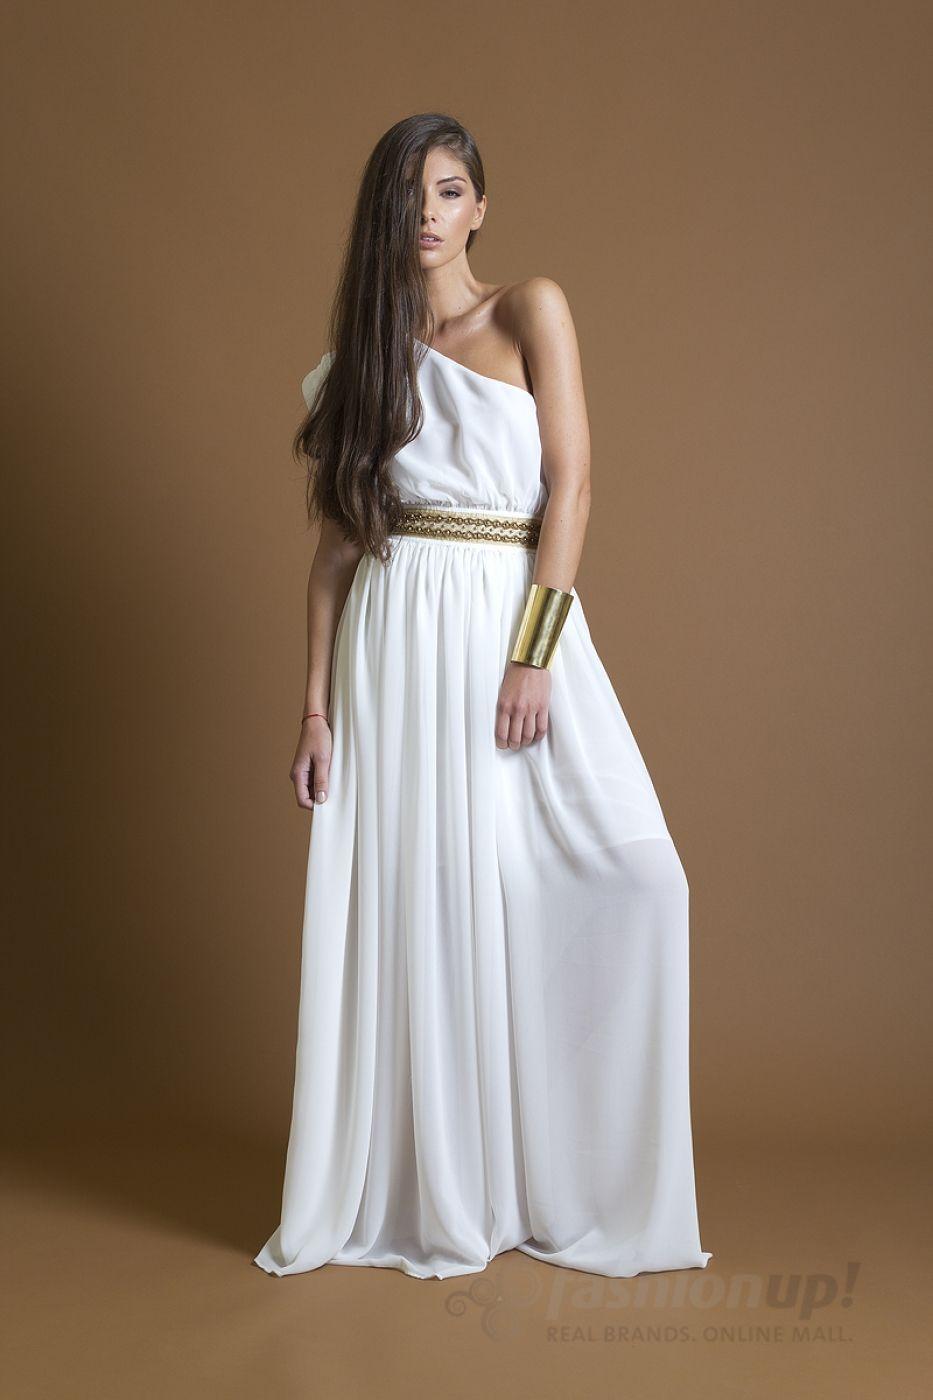 white greek dress  Greek dress, Greek style dress, Dresses